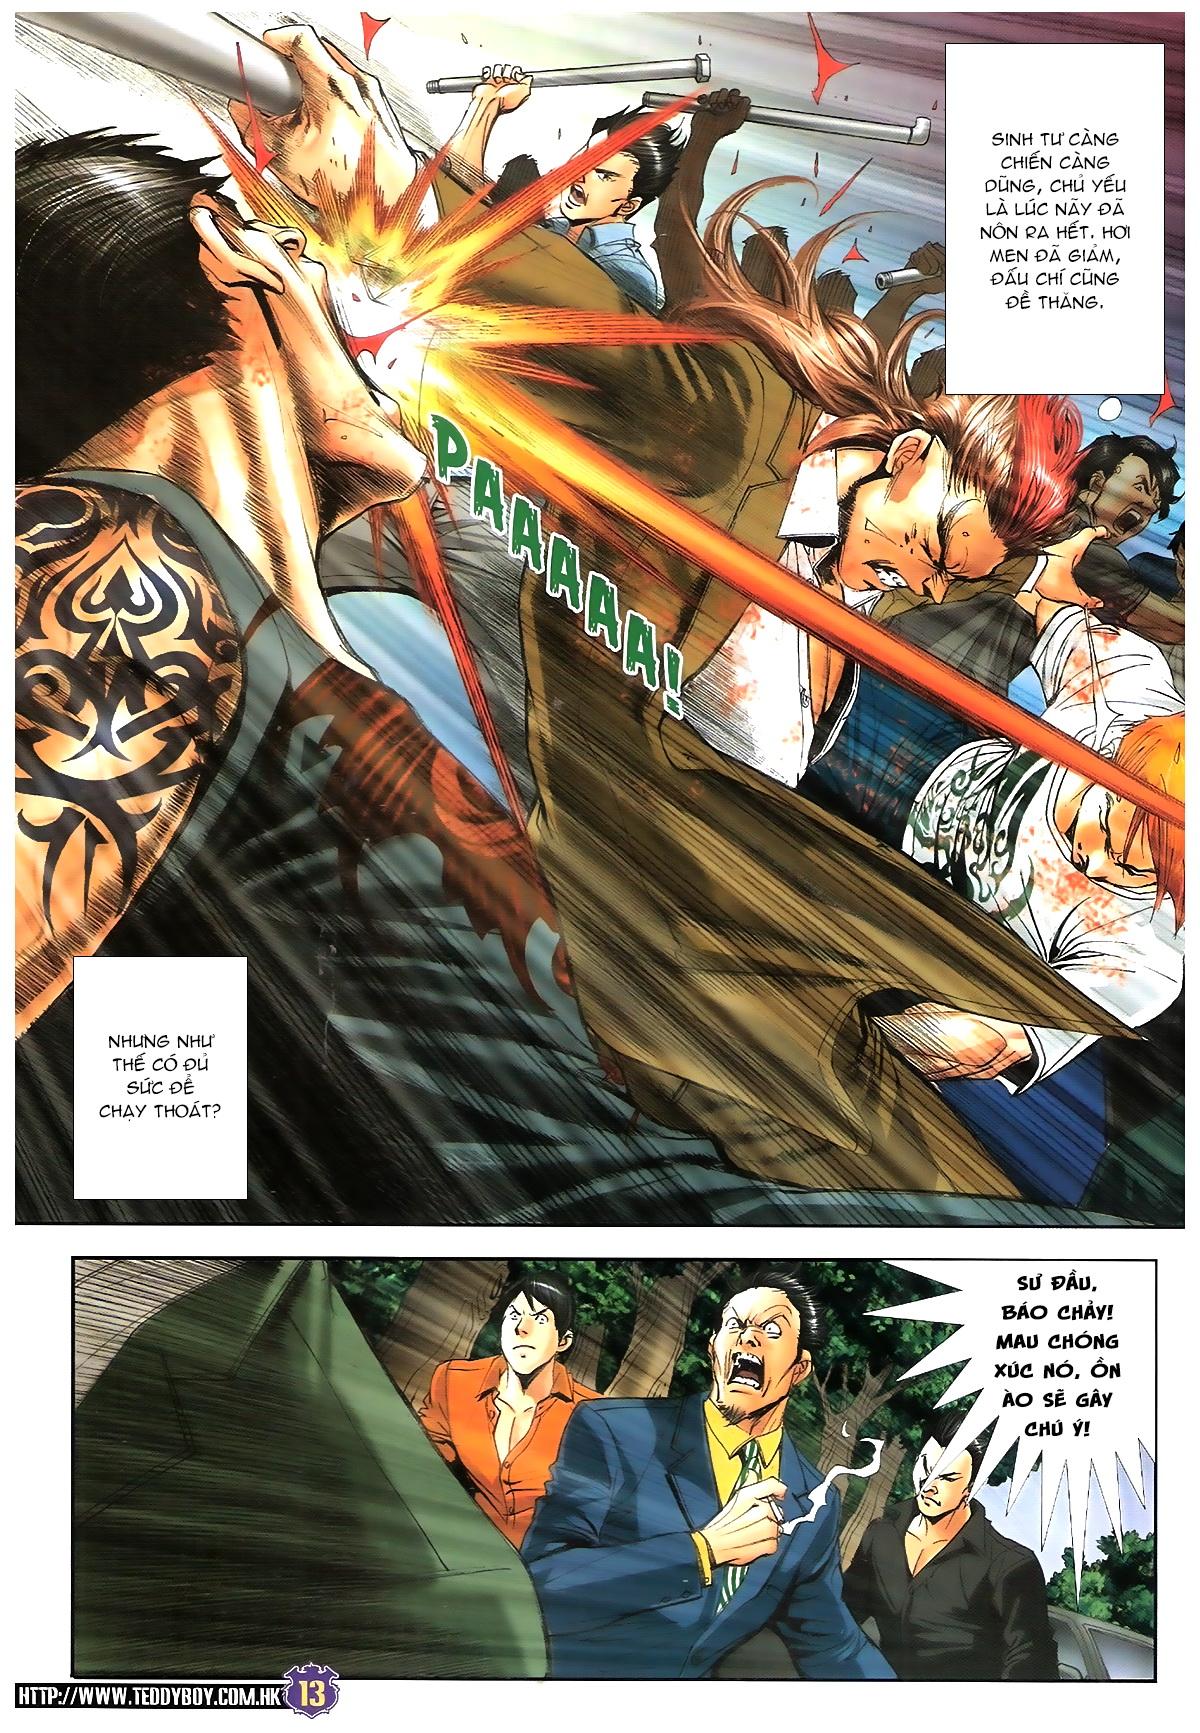 Người Trong Giang Hồ chapter 1647: sinh tư chung kết trang 12